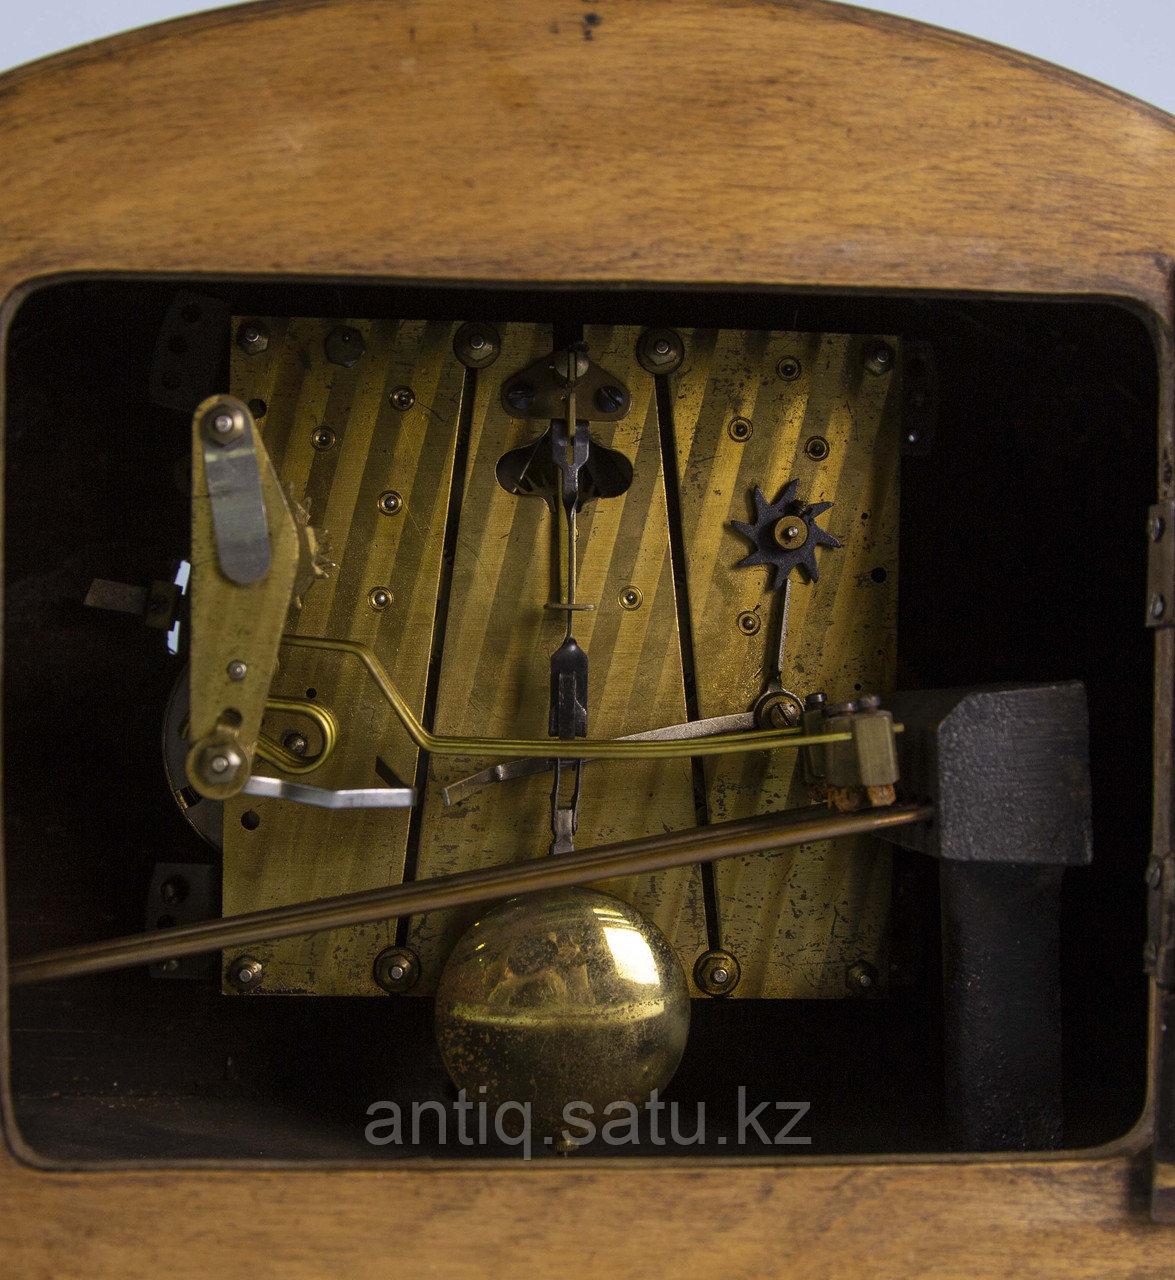 Настольные часы с Вестминстерским боем. Германия. Середина ХХ века. Массив ореха. - фото 6